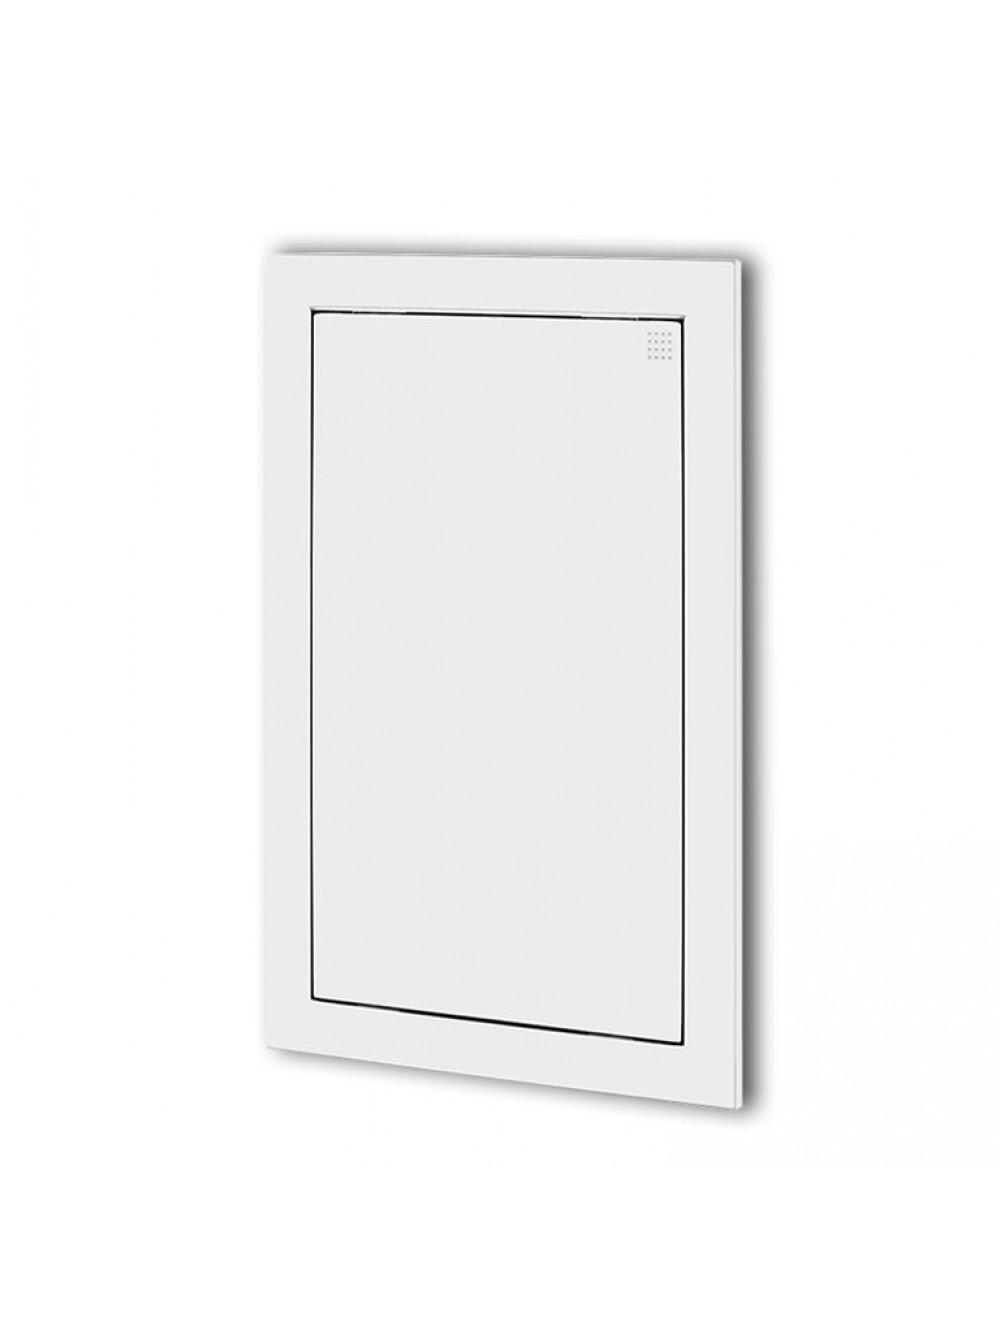 пластиковый сантехнический люк дверца фото концепция